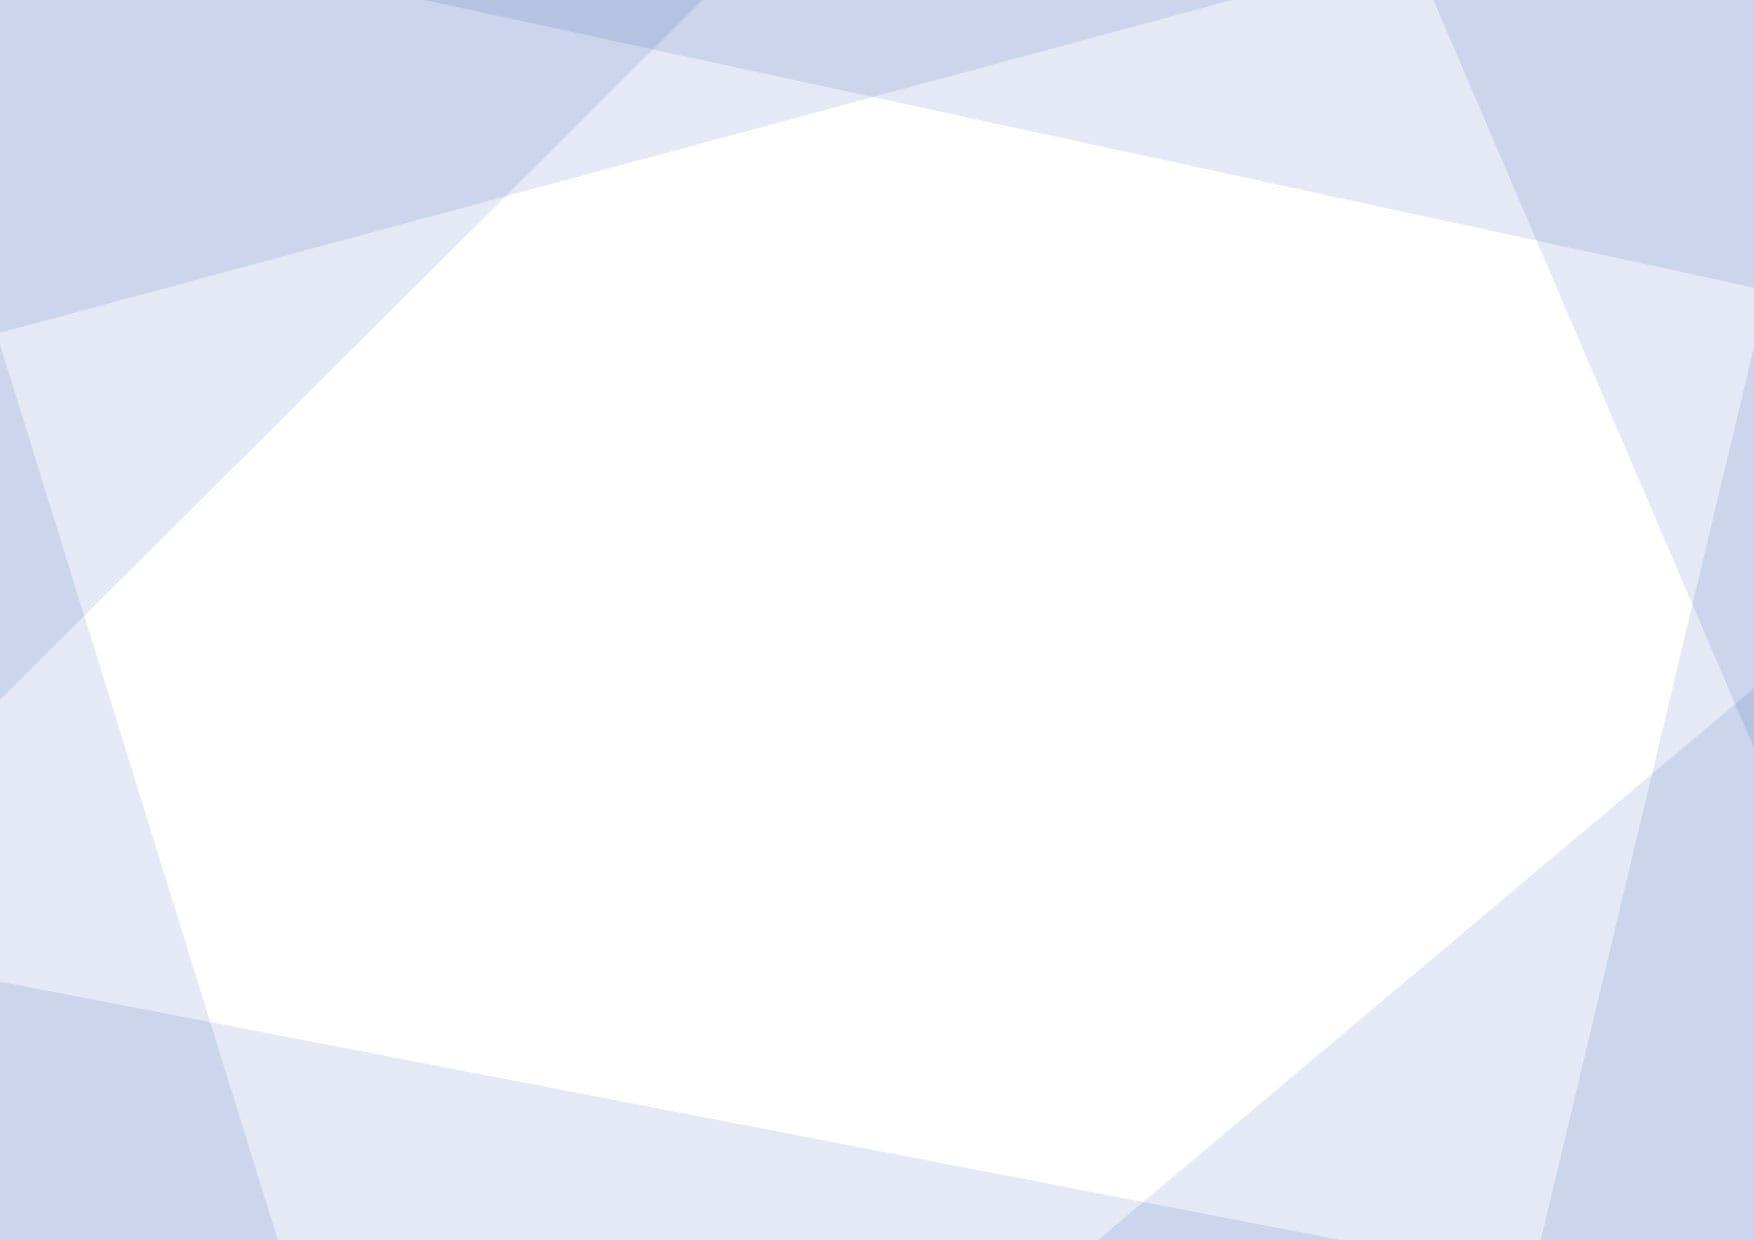 背景 シンプル フレーム 青色 イラスト 無料